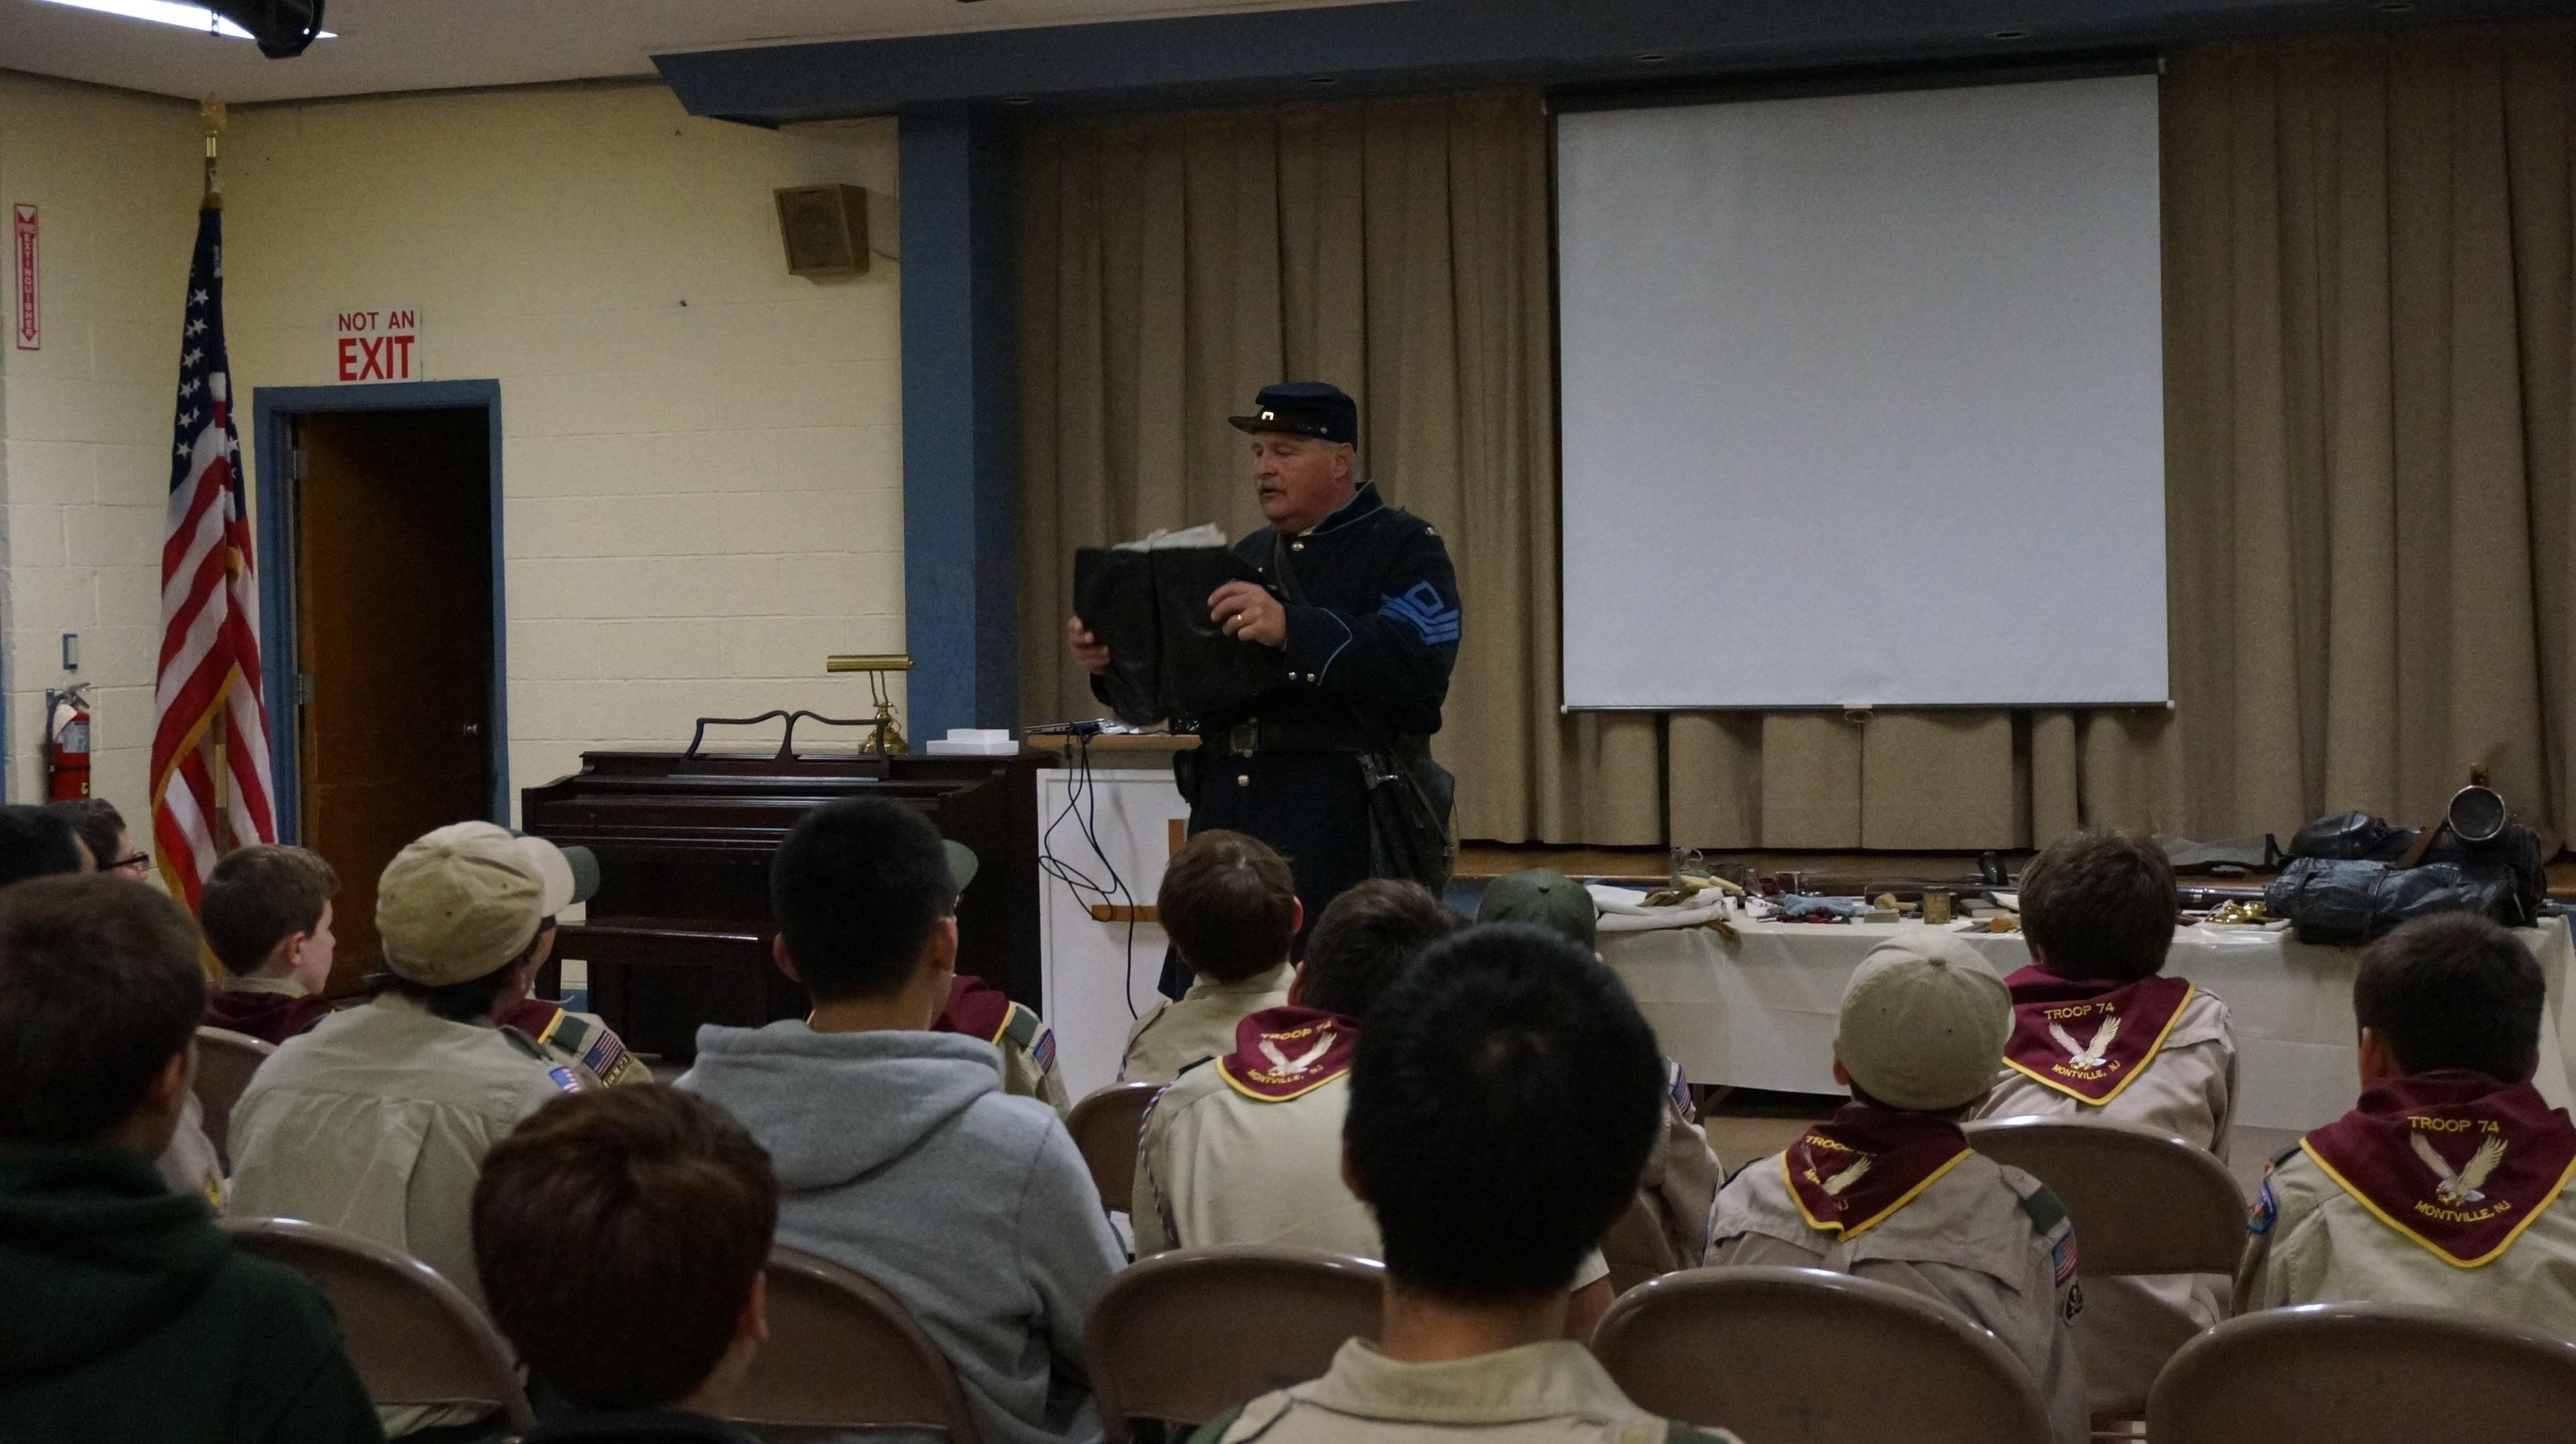 ddc1c24f989ce6c2fd1f_best_Boy_Scout_Troop_meeting_re-enactor_050_fix.jpg